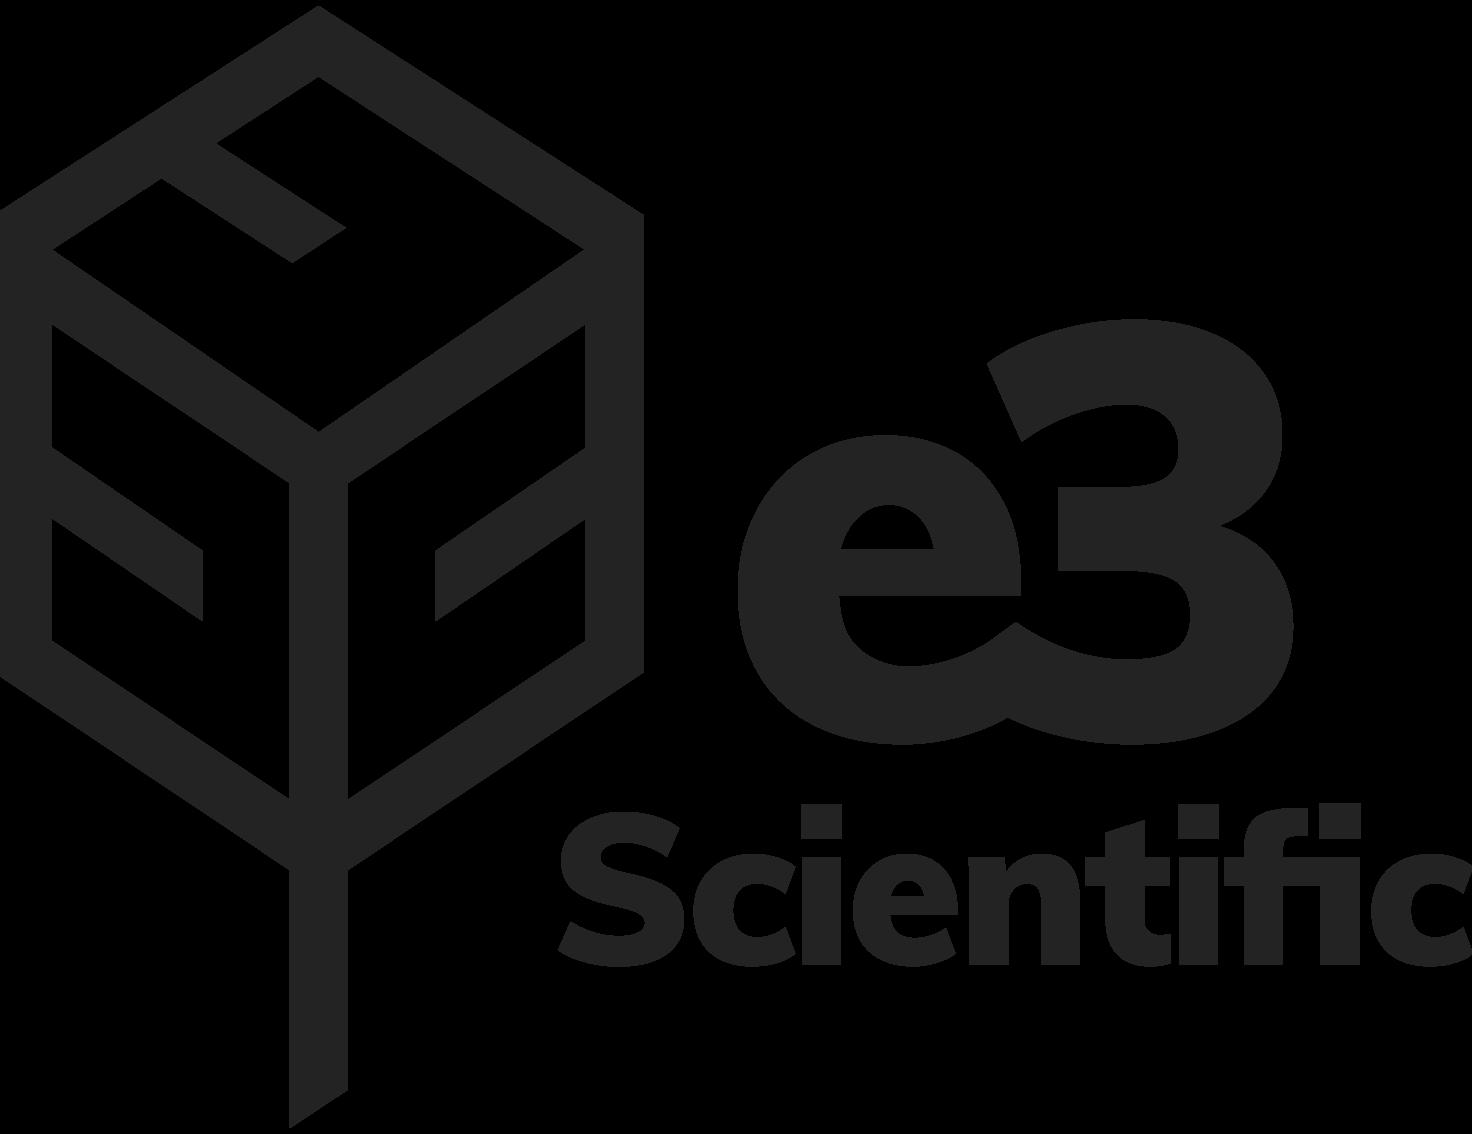 e3Scientific Ltd